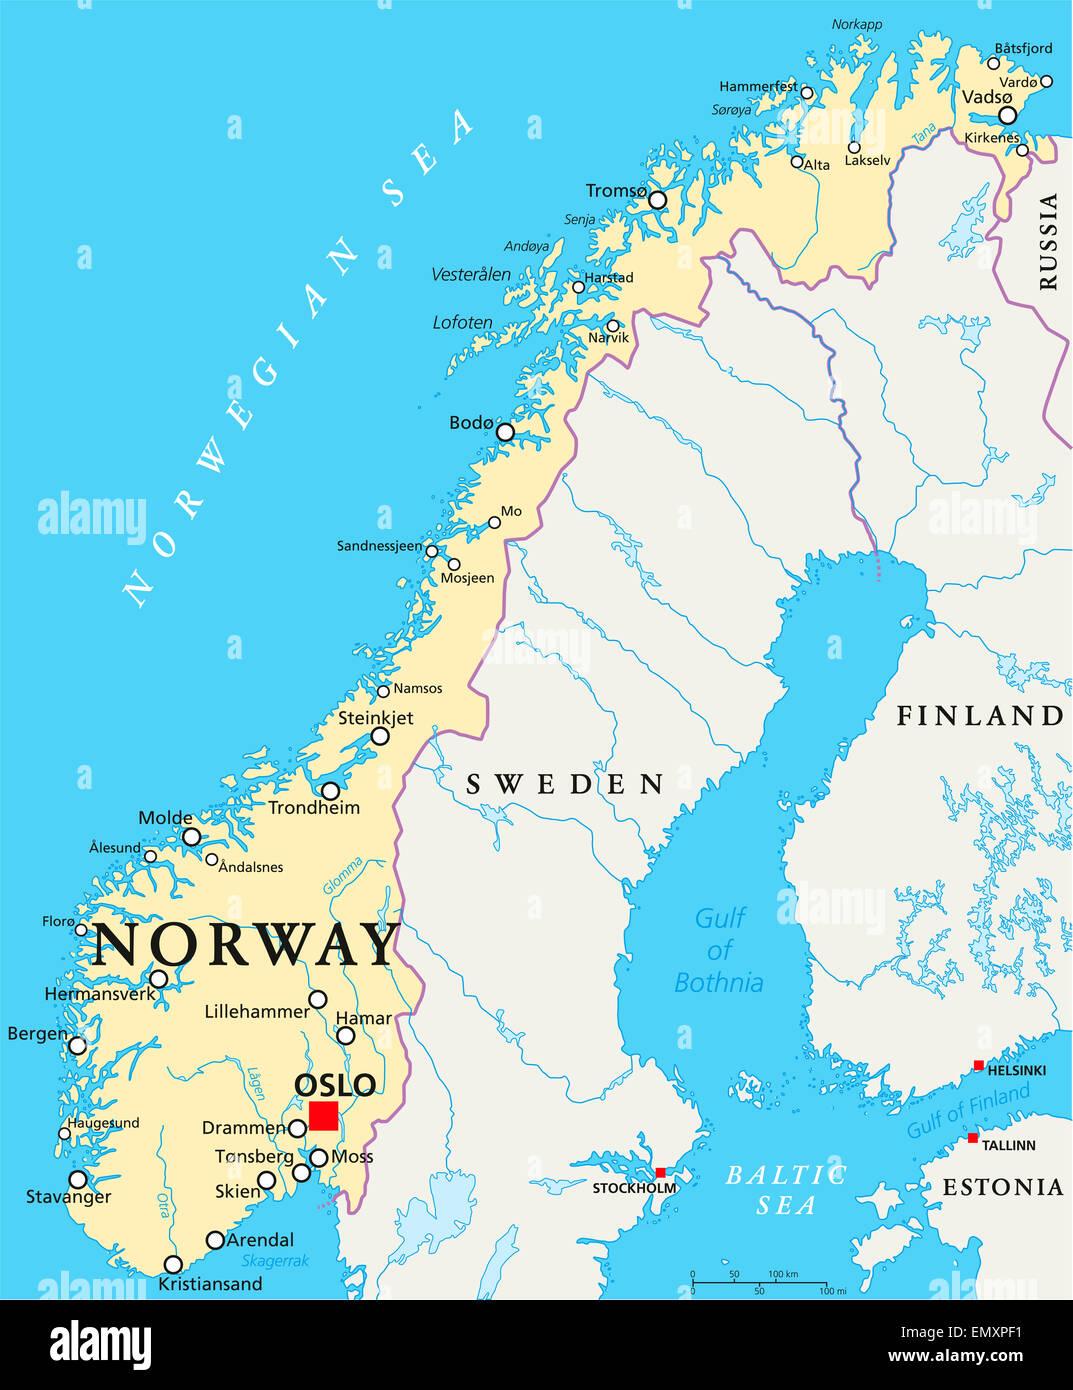 Cartina Della Norvegia.Norvegia Mappa Politico Con Capitale Oslo I Confini Nazionali